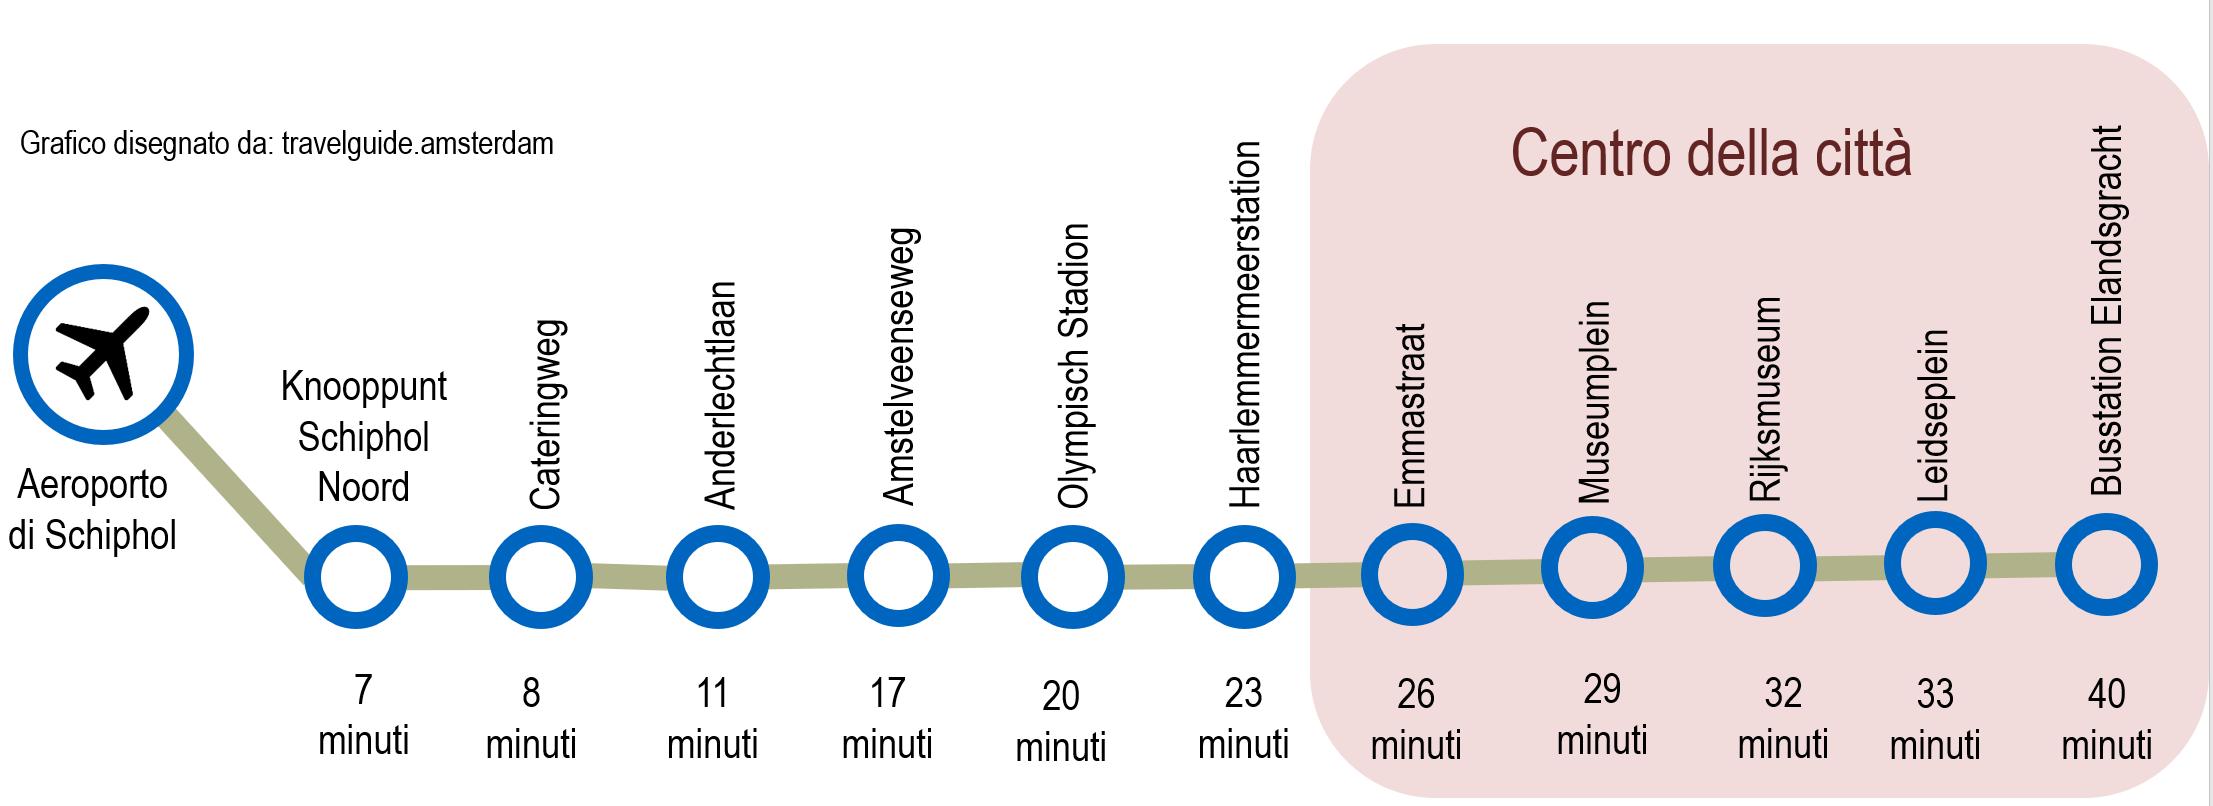 Airport Express Bus Amsteram fermate